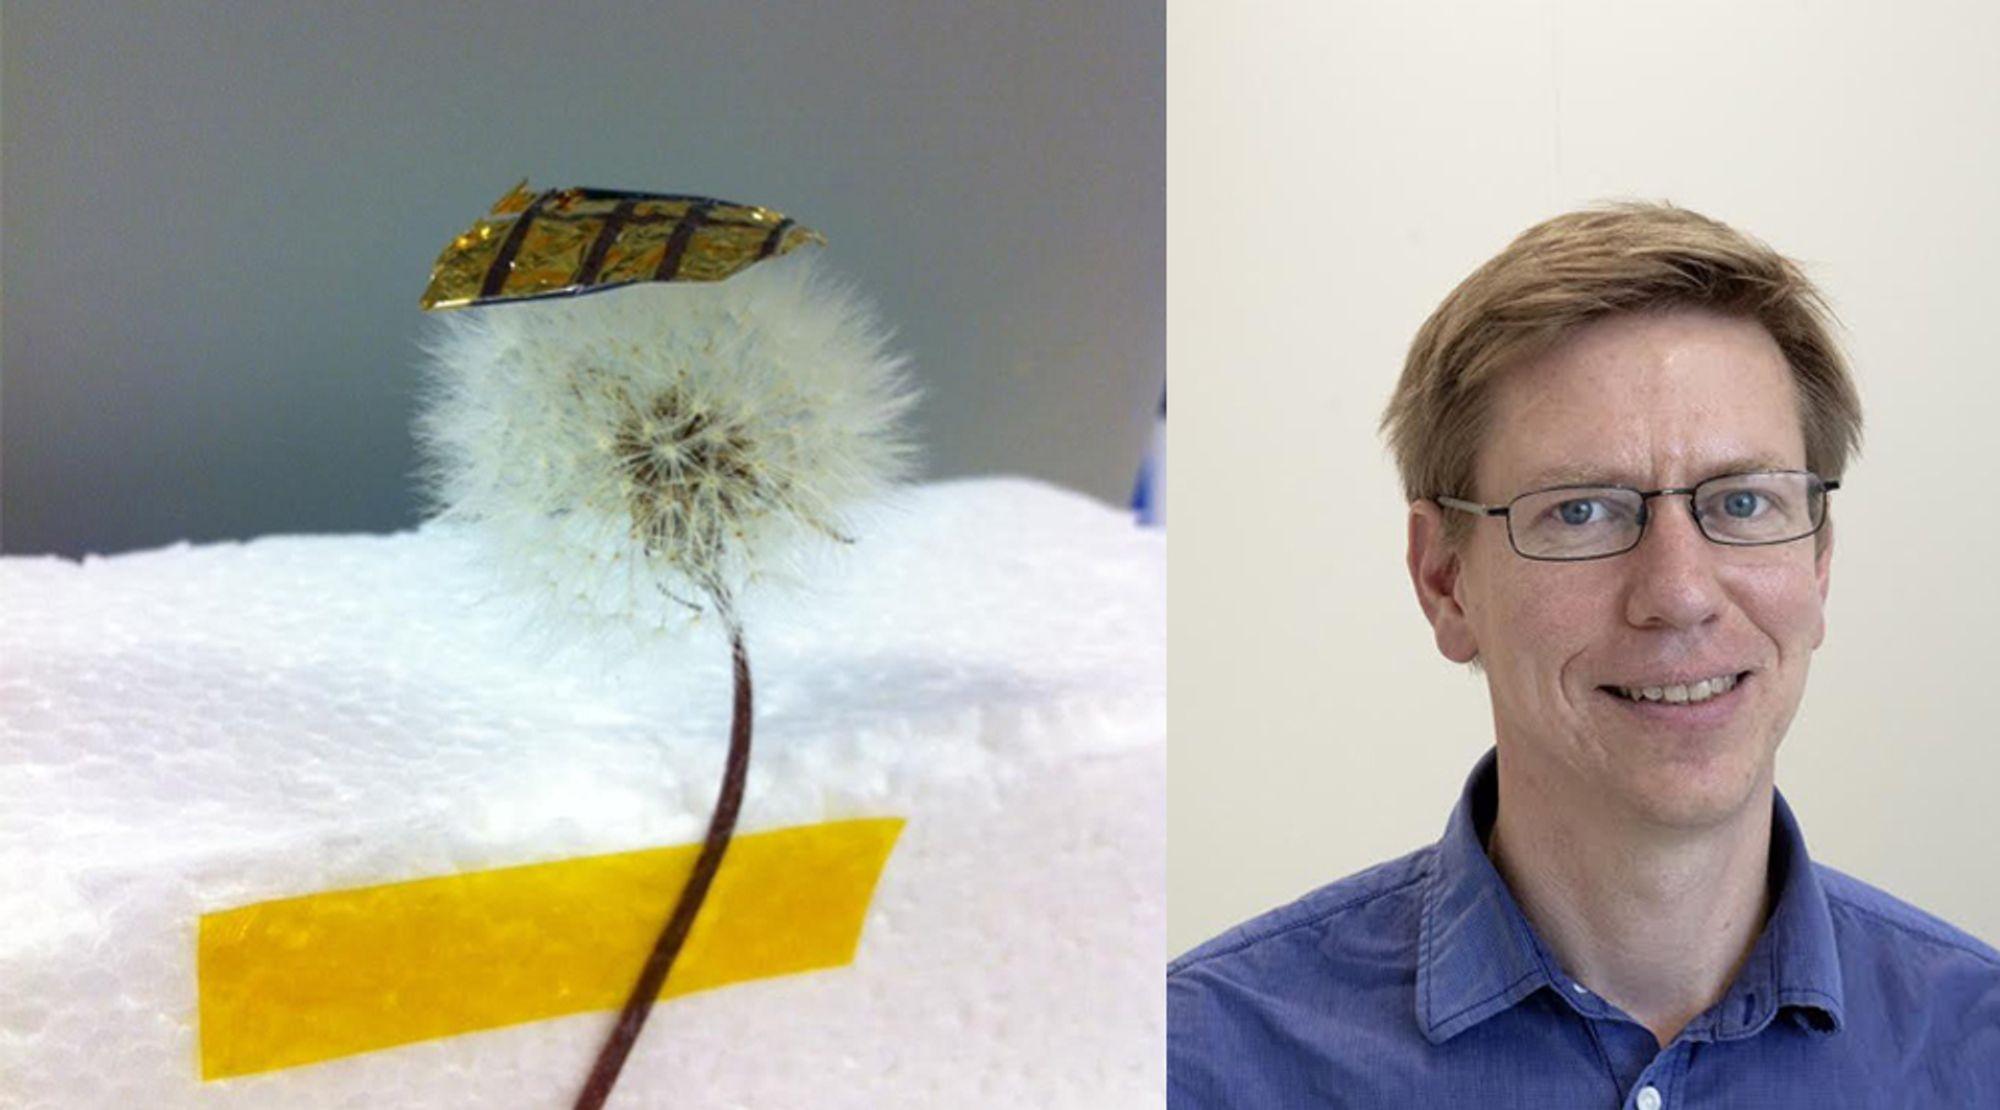 Forskere fra Uppsala universitet har laget en supertynn solcelle på en tynn plastfilm. Erik Johansson jobber med å forbedre solceller.